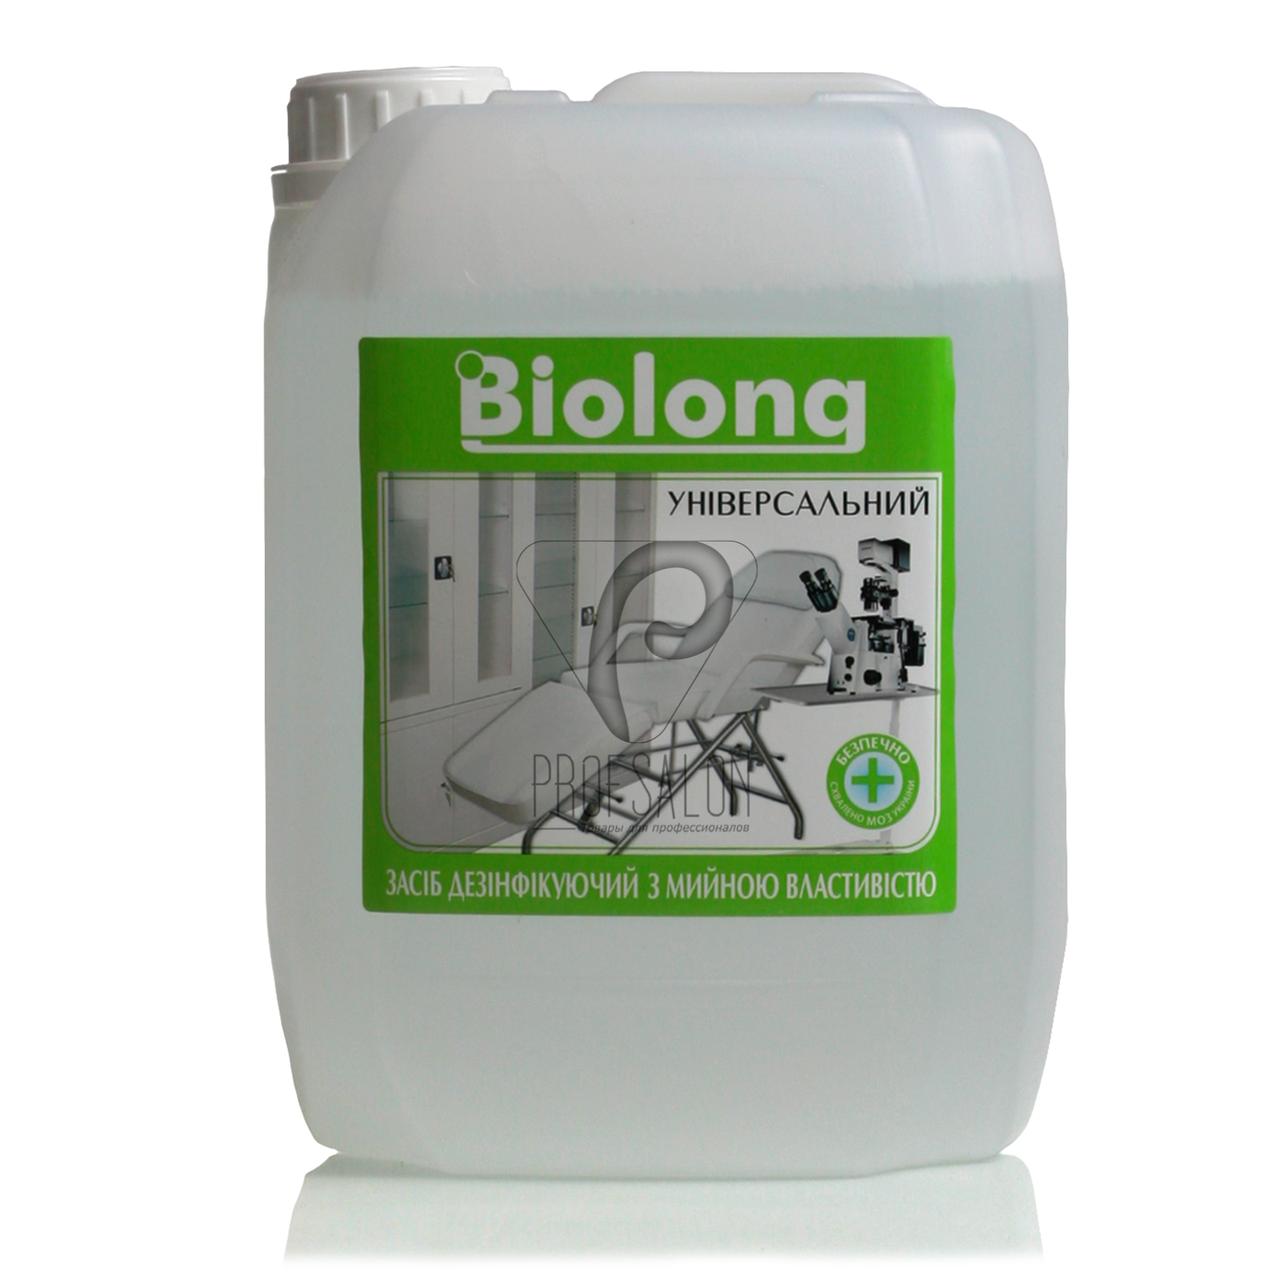 БиоЛонг Универсальный, 4% готовый раствор , 5000 мл